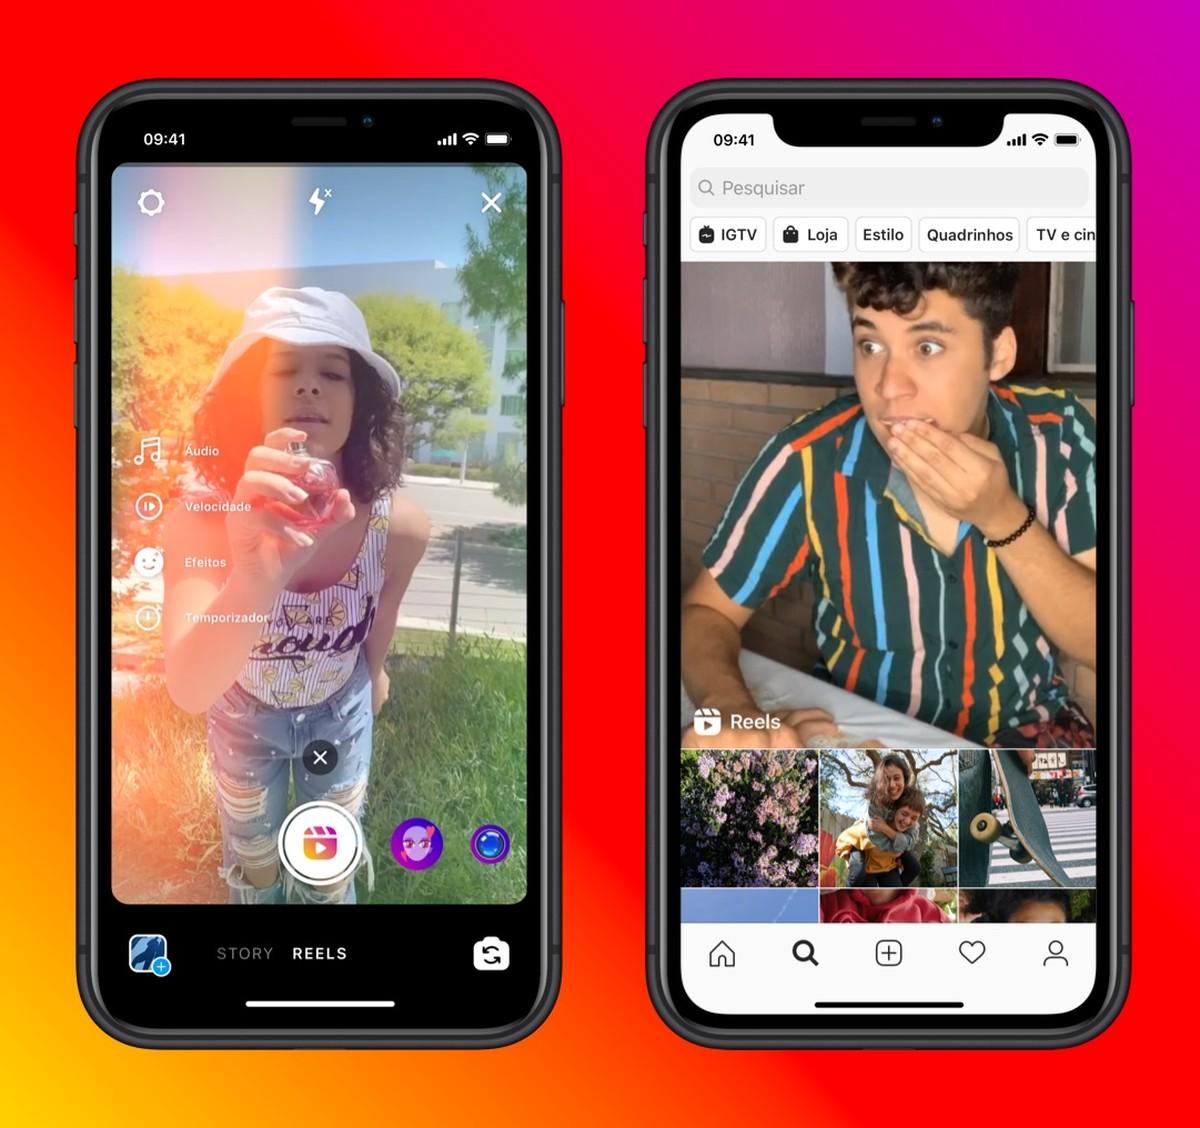 Instagrami rullid: funktsioon võimaldab teil luua TikToki stiilis loomingulisi videoid